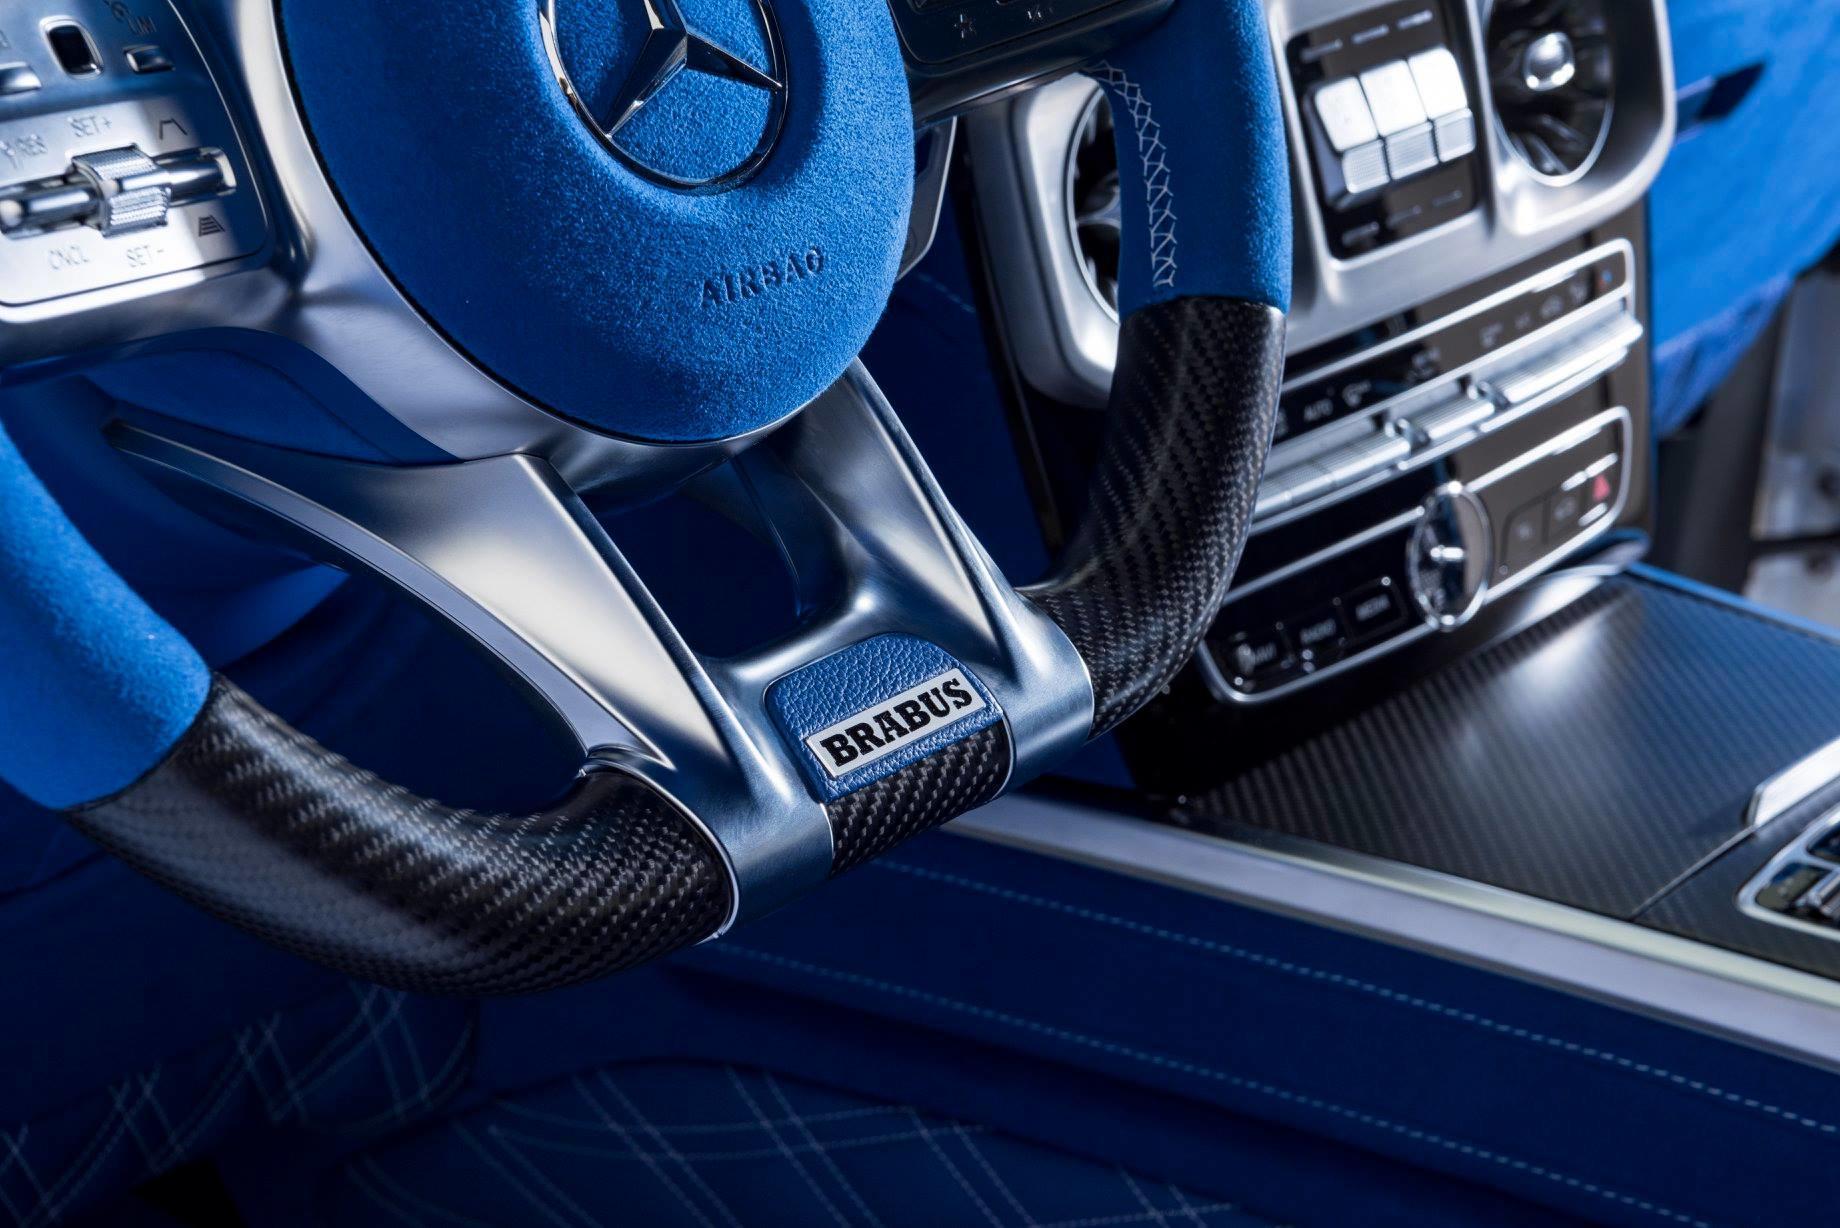 Mercedes G-Class cu interior albastru - Mercedes G-Class cu interior albastru